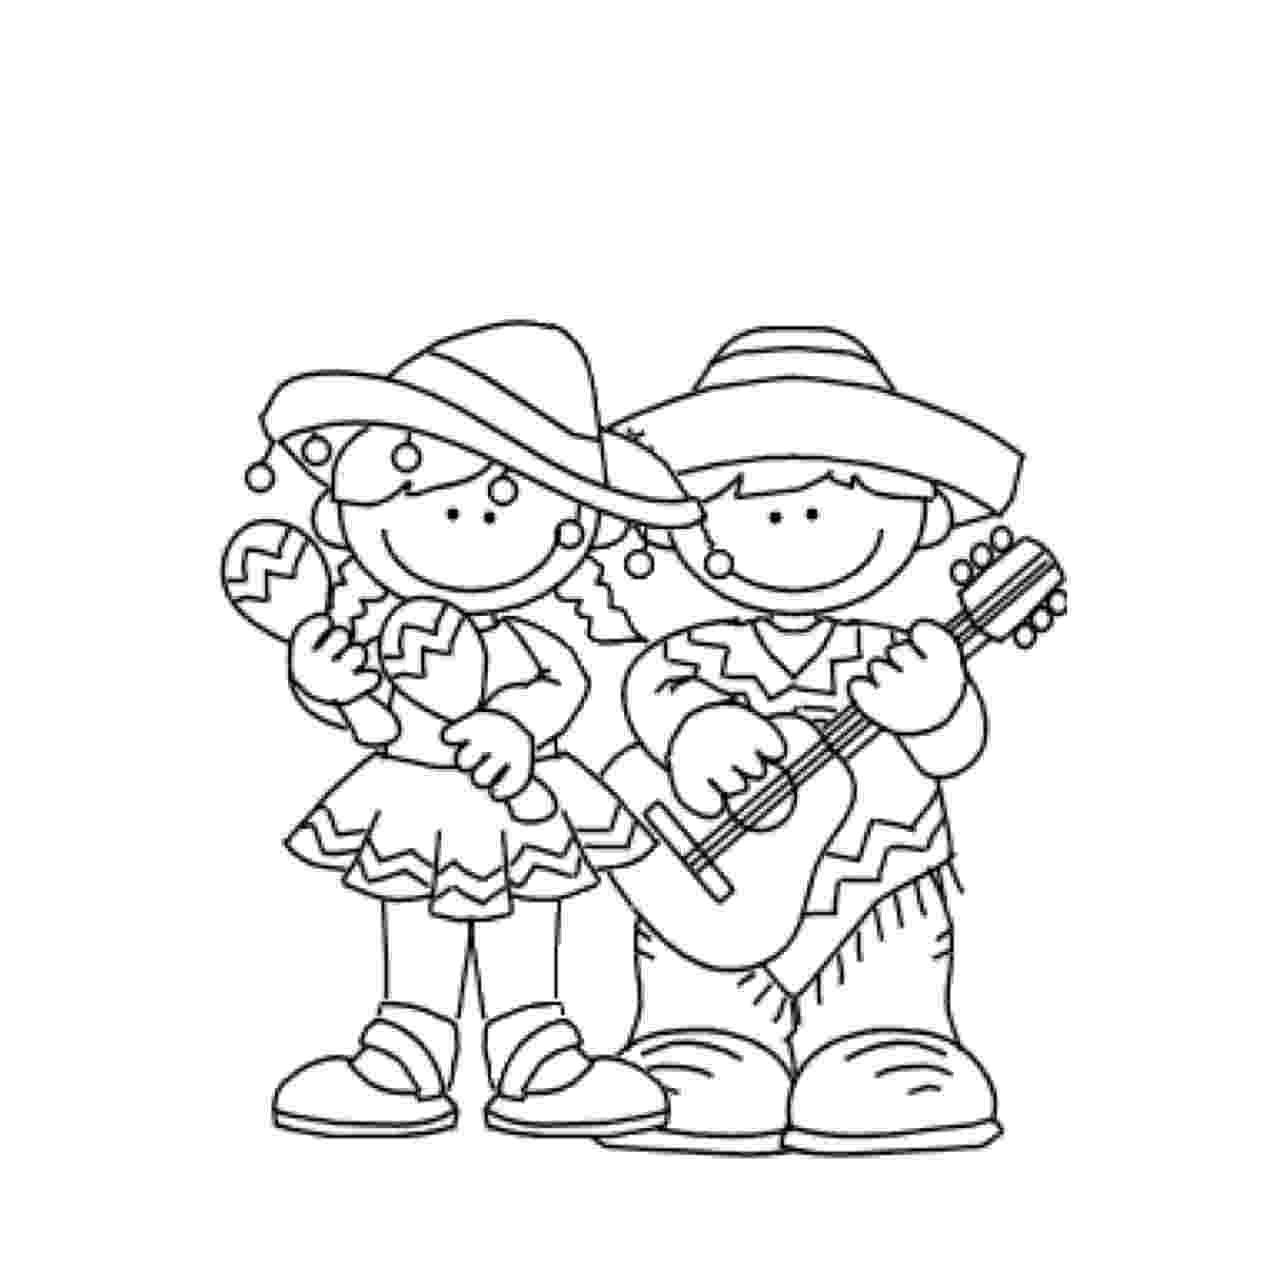 cinco de mayo color pages printable cinco de mayo coloring pages for kids cool2bkids pages de mayo color cinco